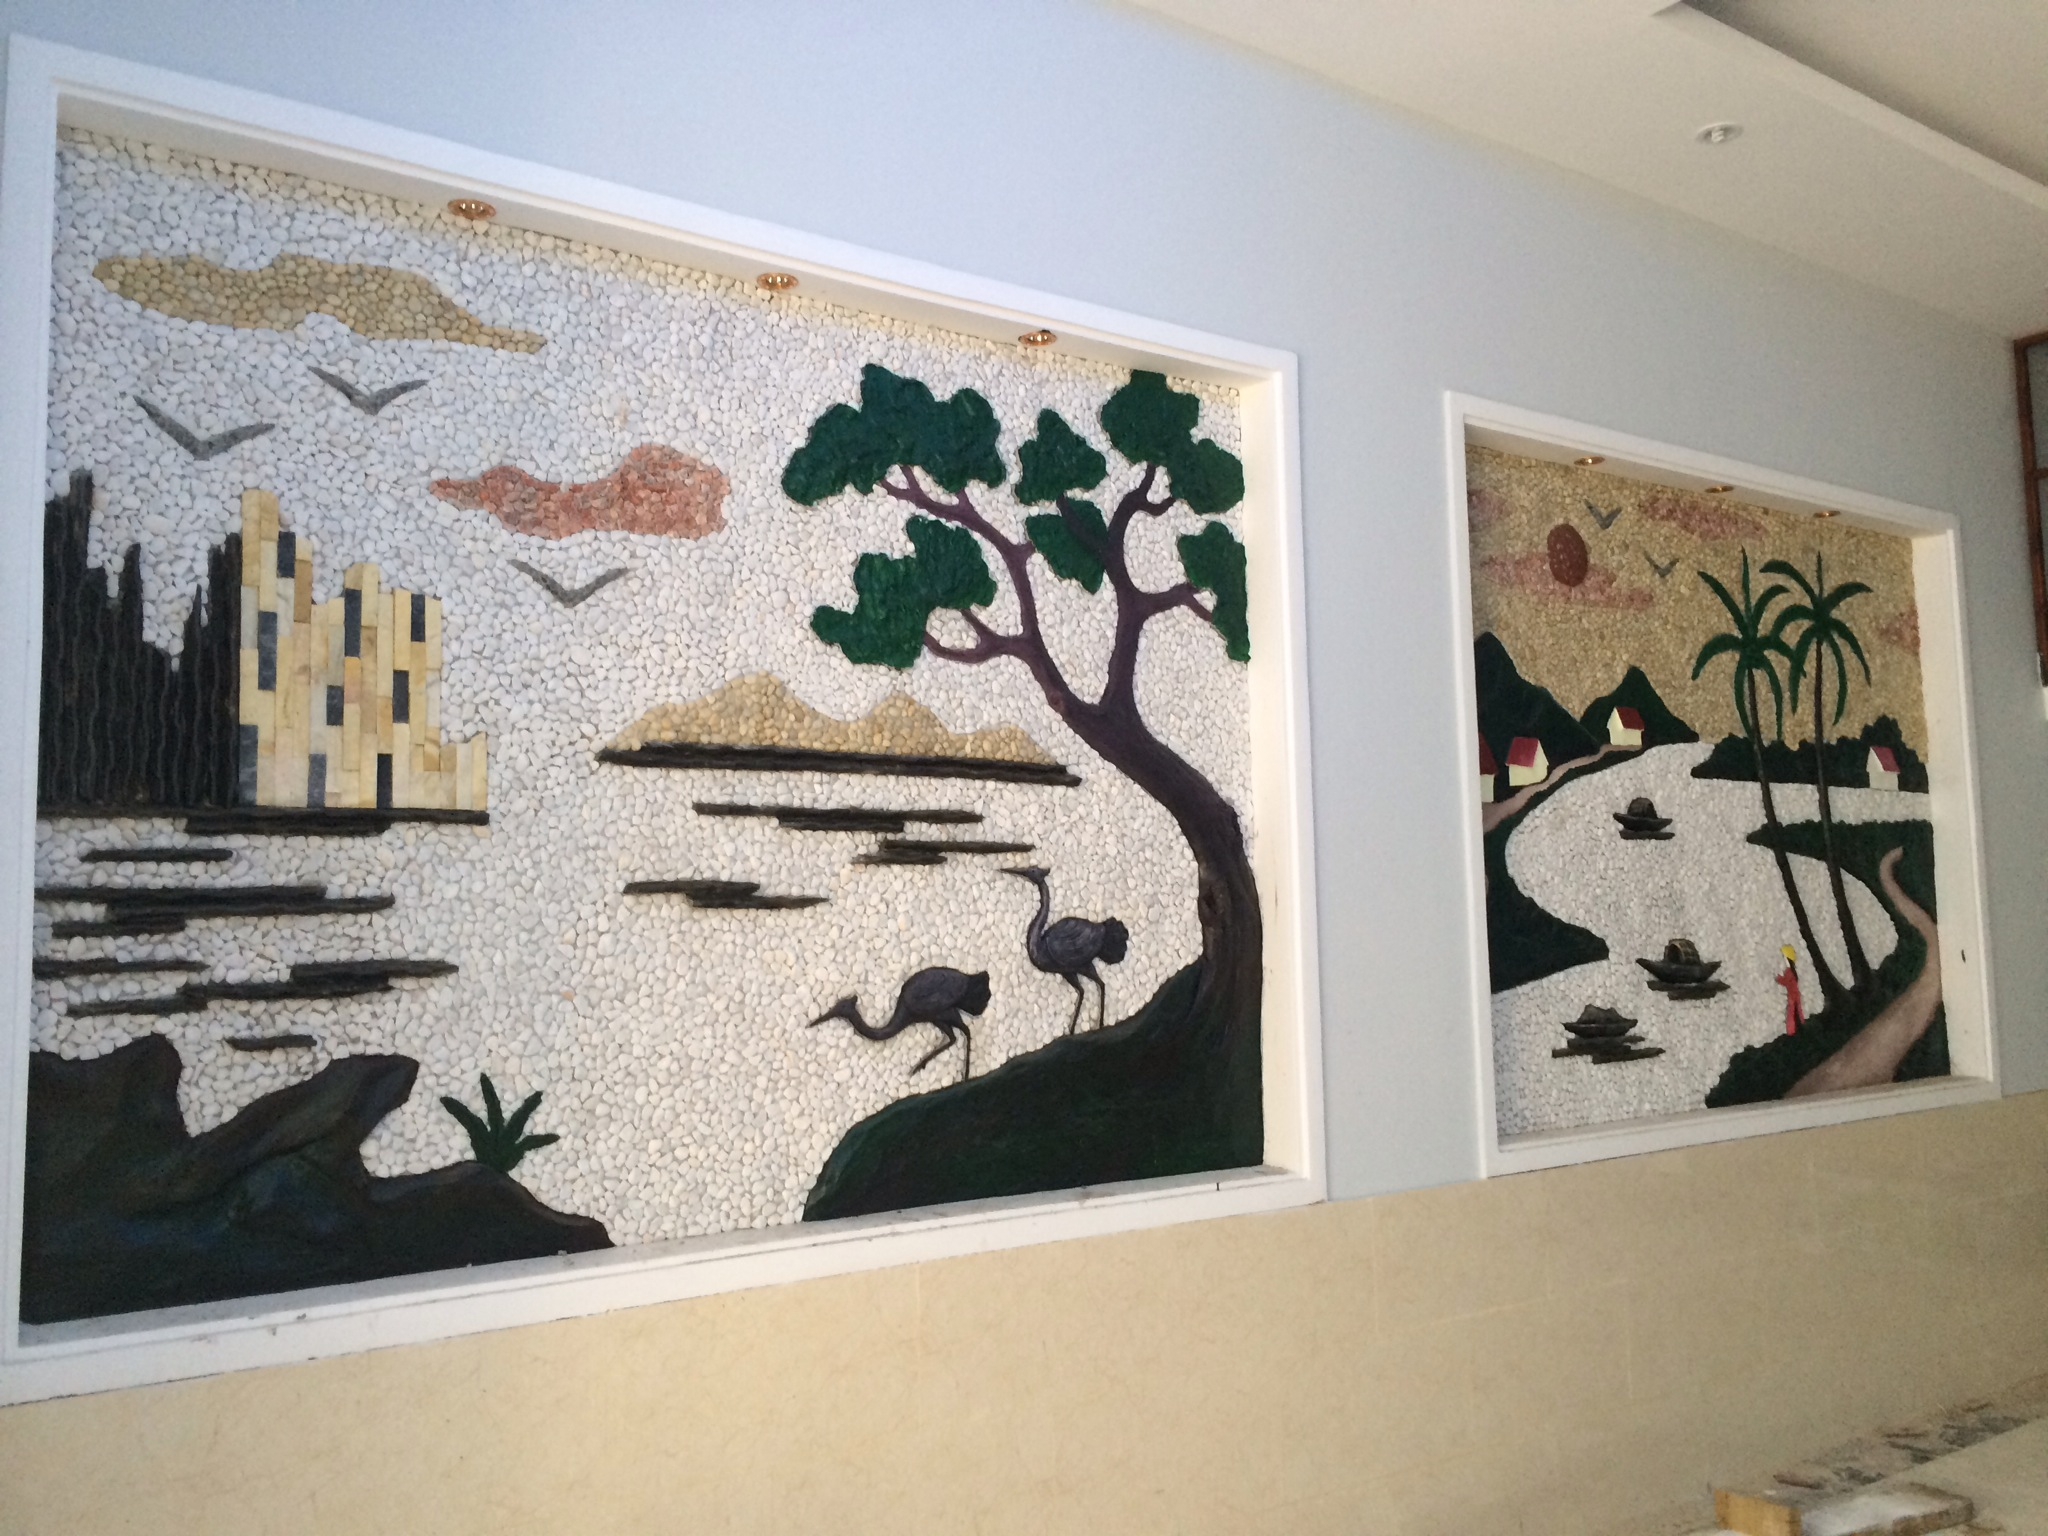 trang trí bên trong nhà mặt tiền buôn bán , mở văn phòng tại trung tâm hành chính dĩ a.JPG